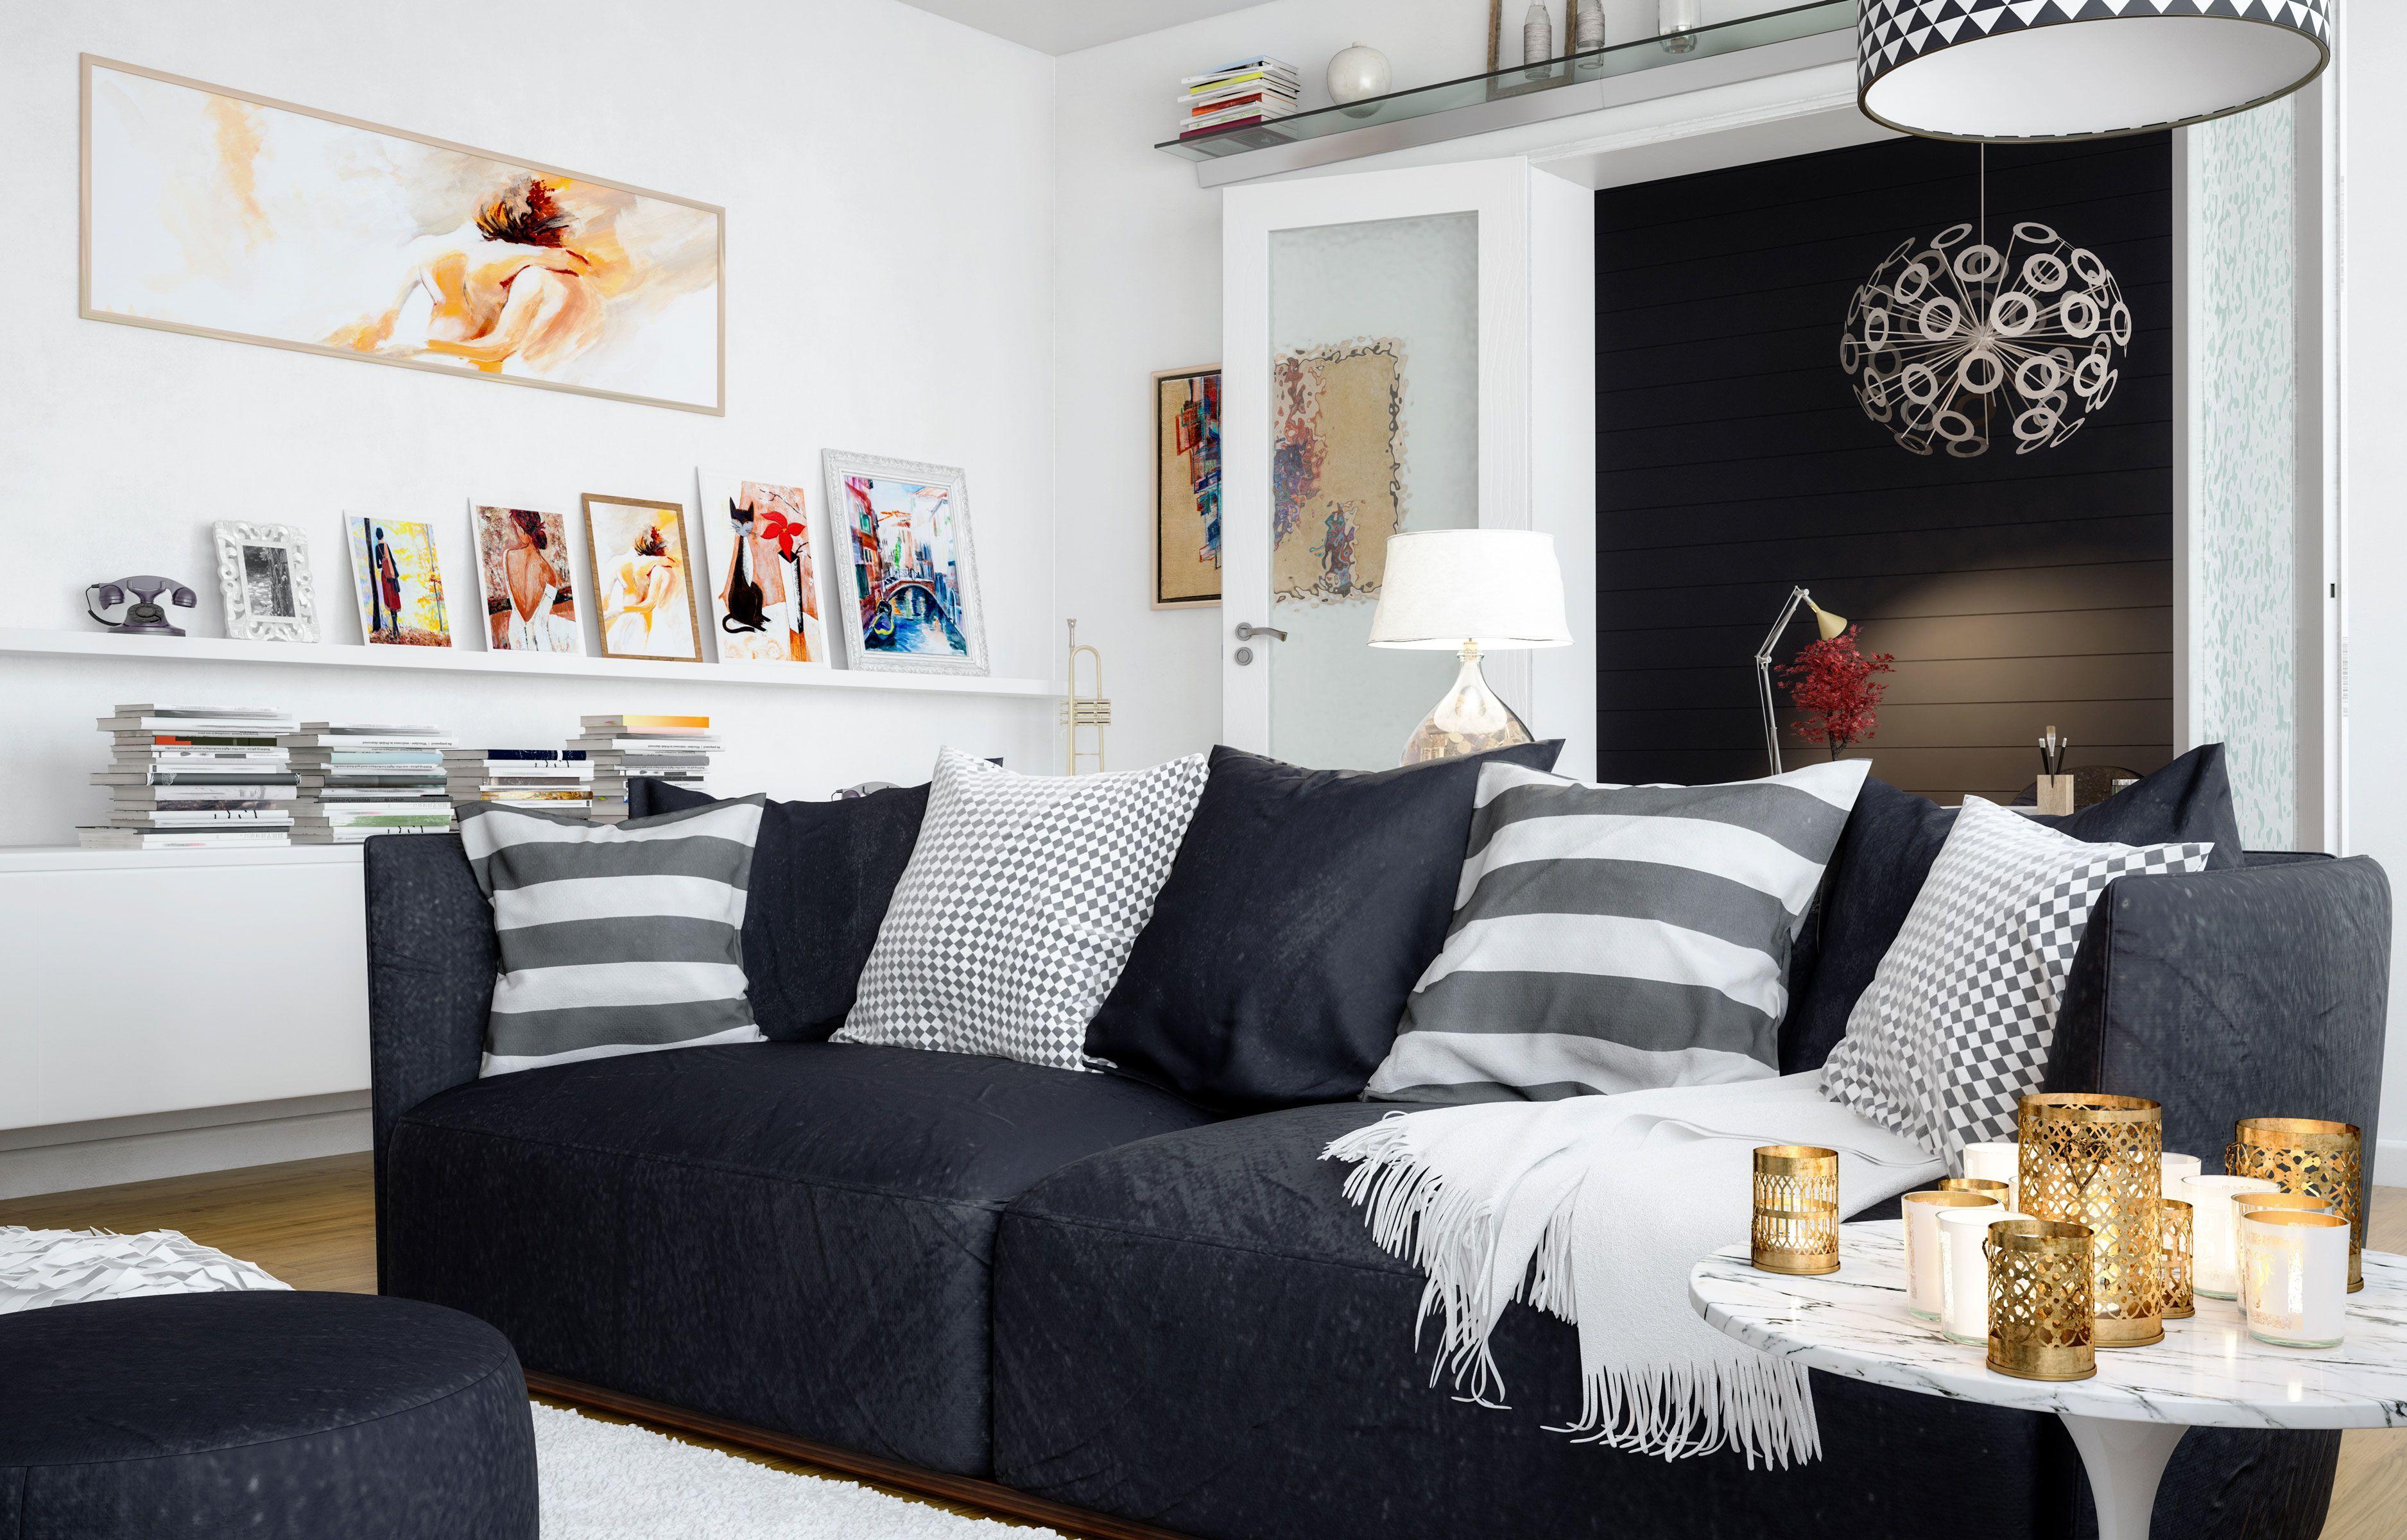 le r le des coussins dans la d coration int rieure nos conseils et astuces salon. Black Bedroom Furniture Sets. Home Design Ideas